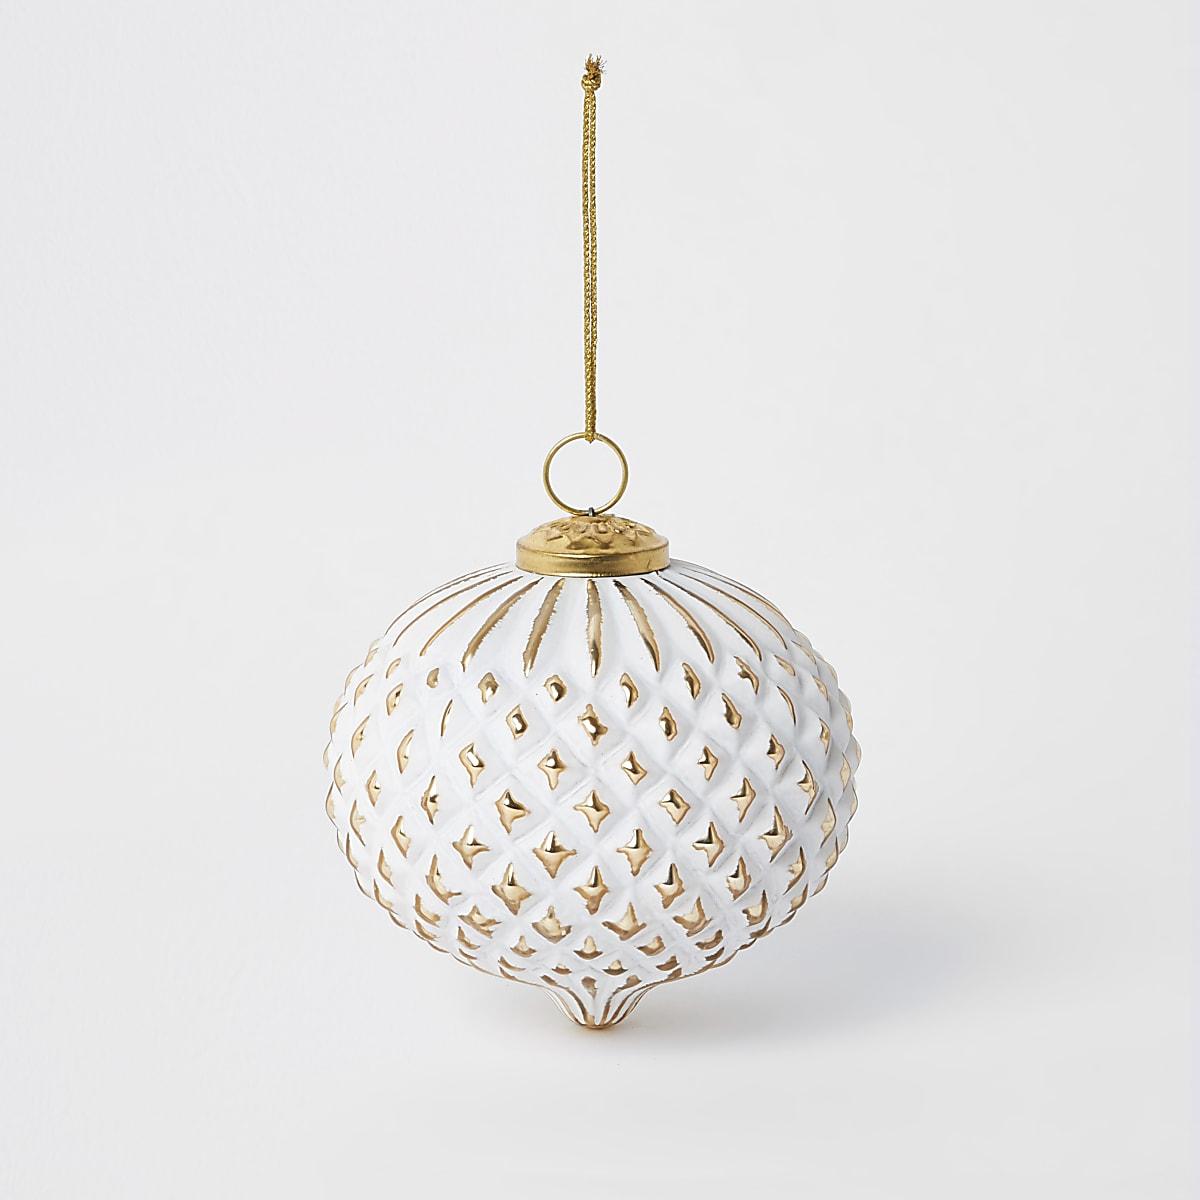 Gold & white diamond bauble